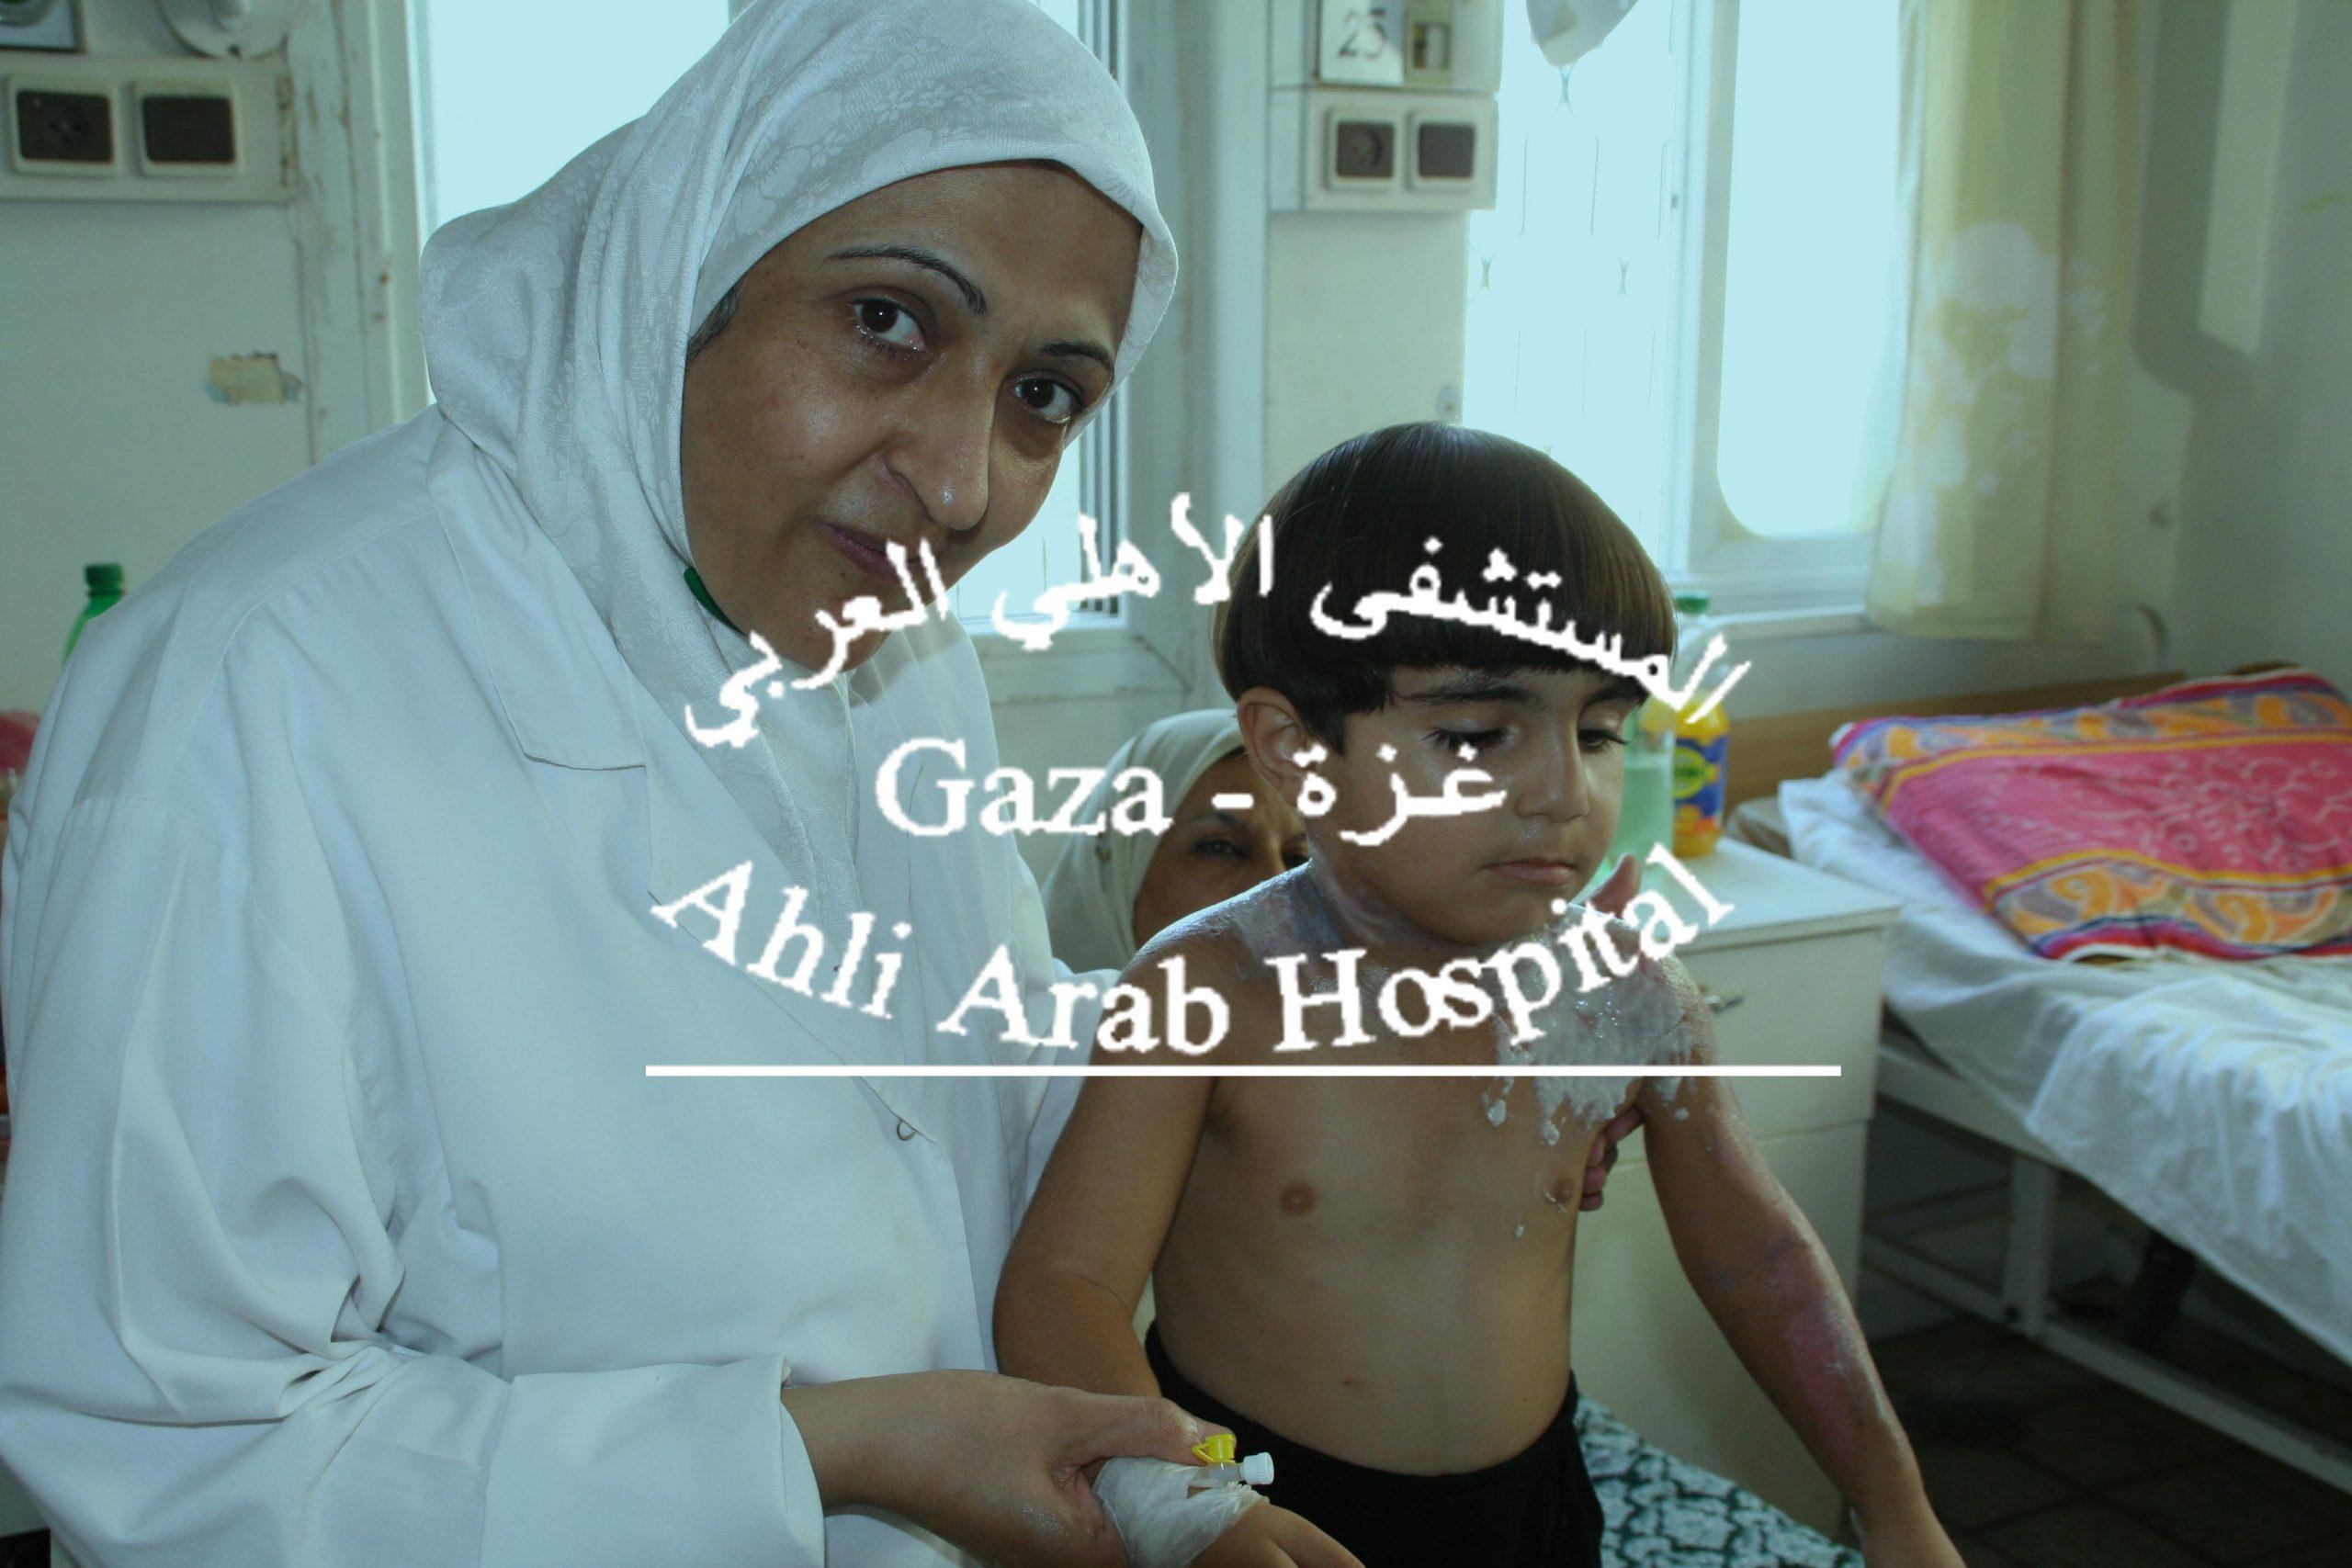 Al_Ahli_Arab_Hospital_Gaza_(101)_copy.jpg